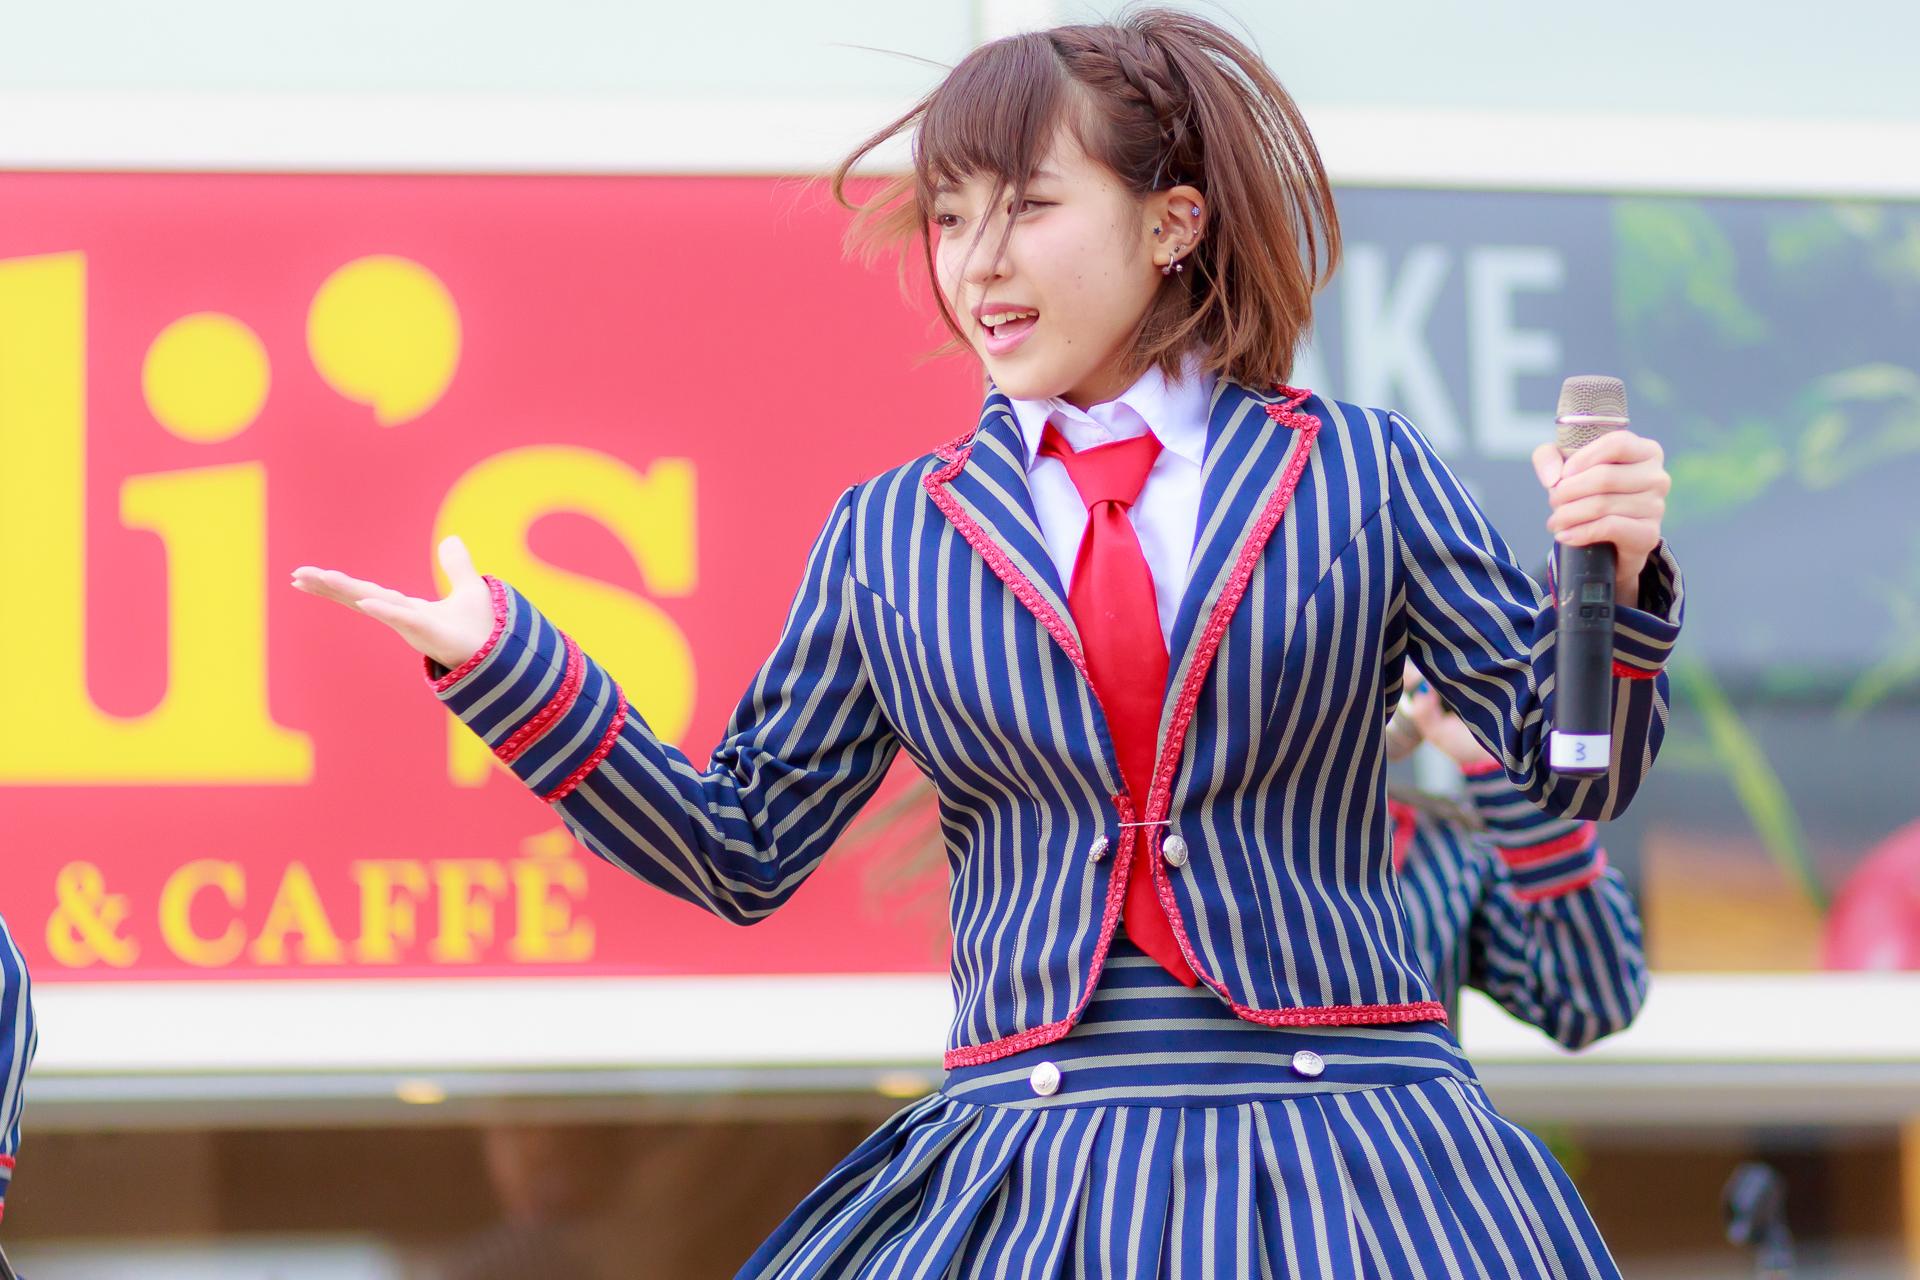 フルーティー♡ さい ( 北出彩 ) | 新川メガ・ドン・キホーテ インストアライブ2017 Vol.1